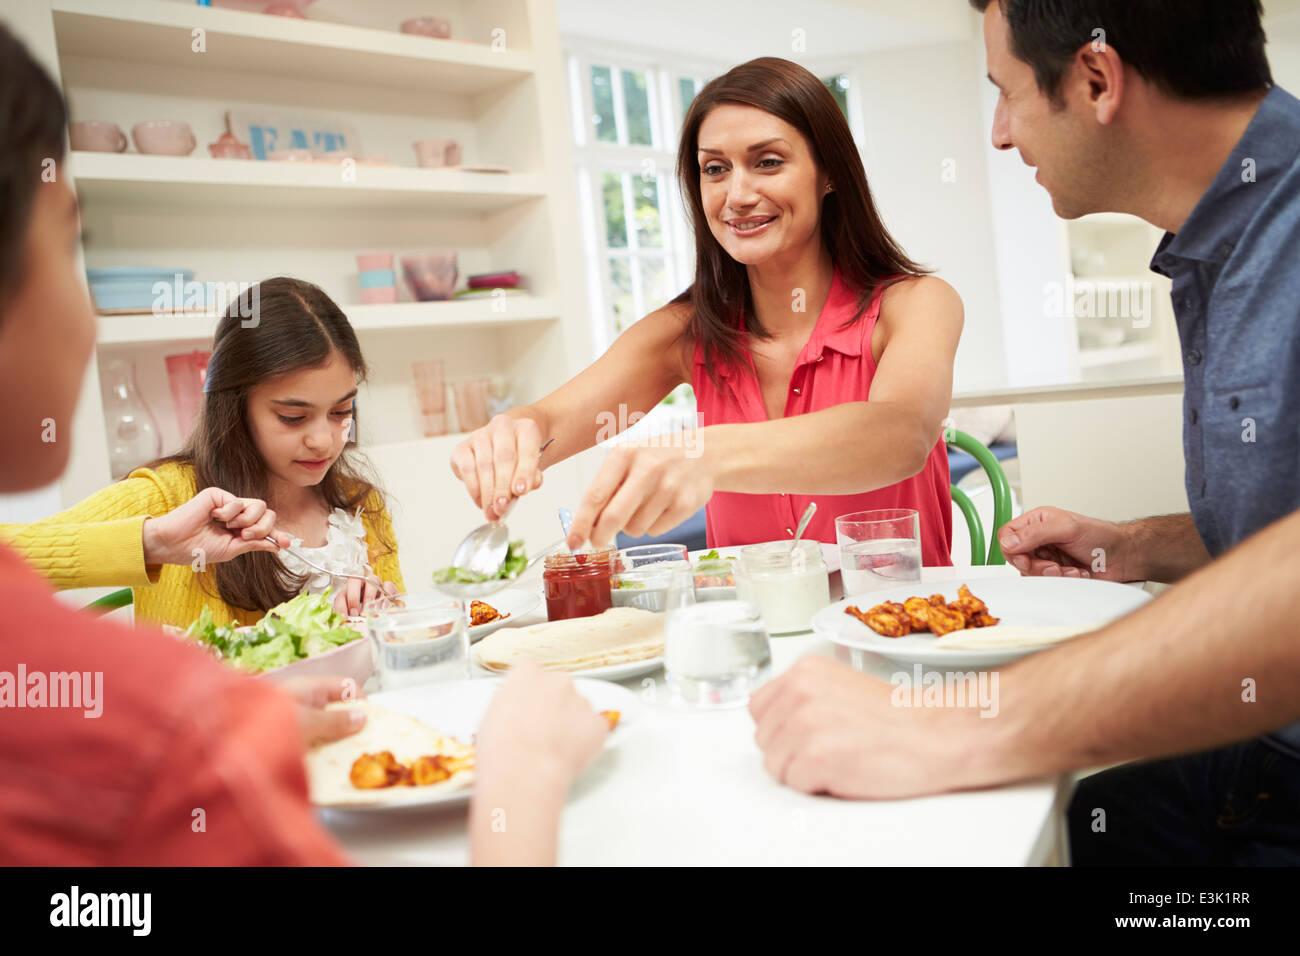 Hispanische Familie sitzt am Tisch essen zusammen Stockbild